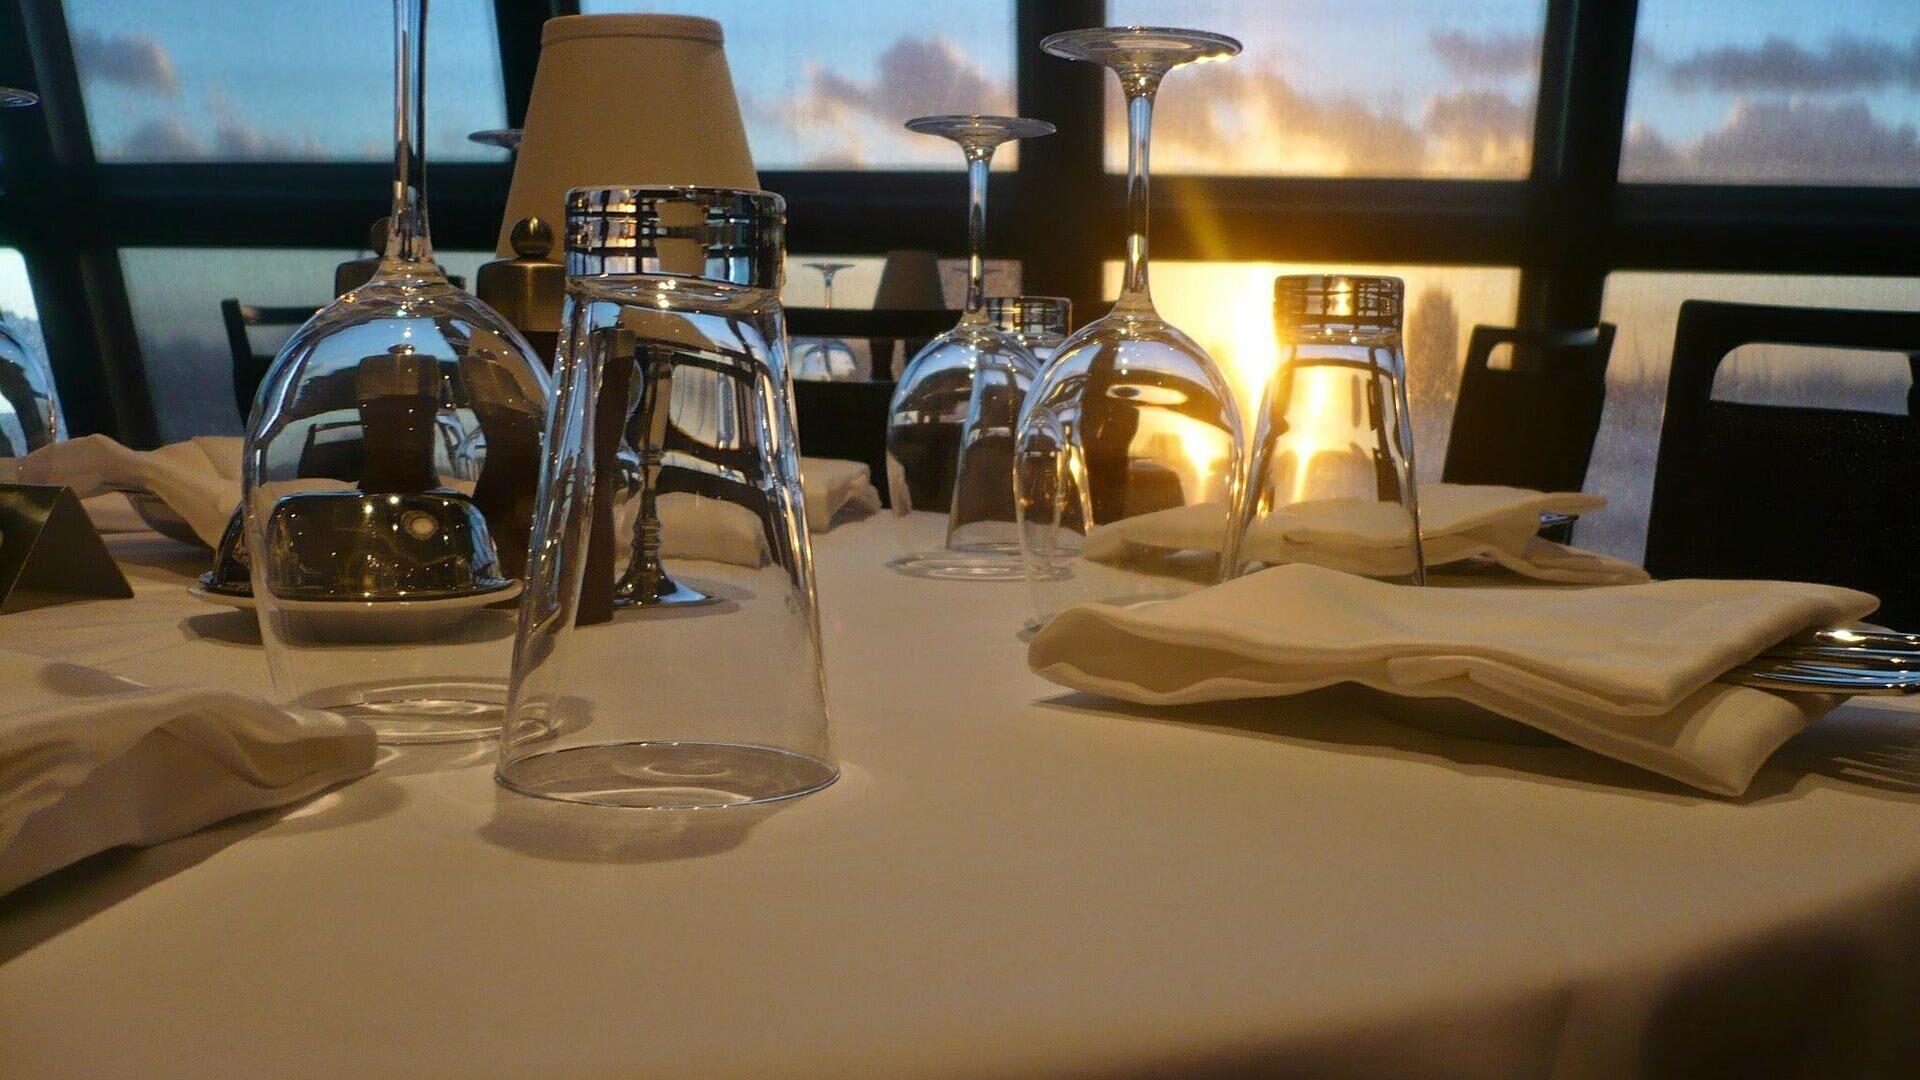 La mesa de un restaurante. Imagen referencial - Sputnik Mundo, 1920, 26.08.2021